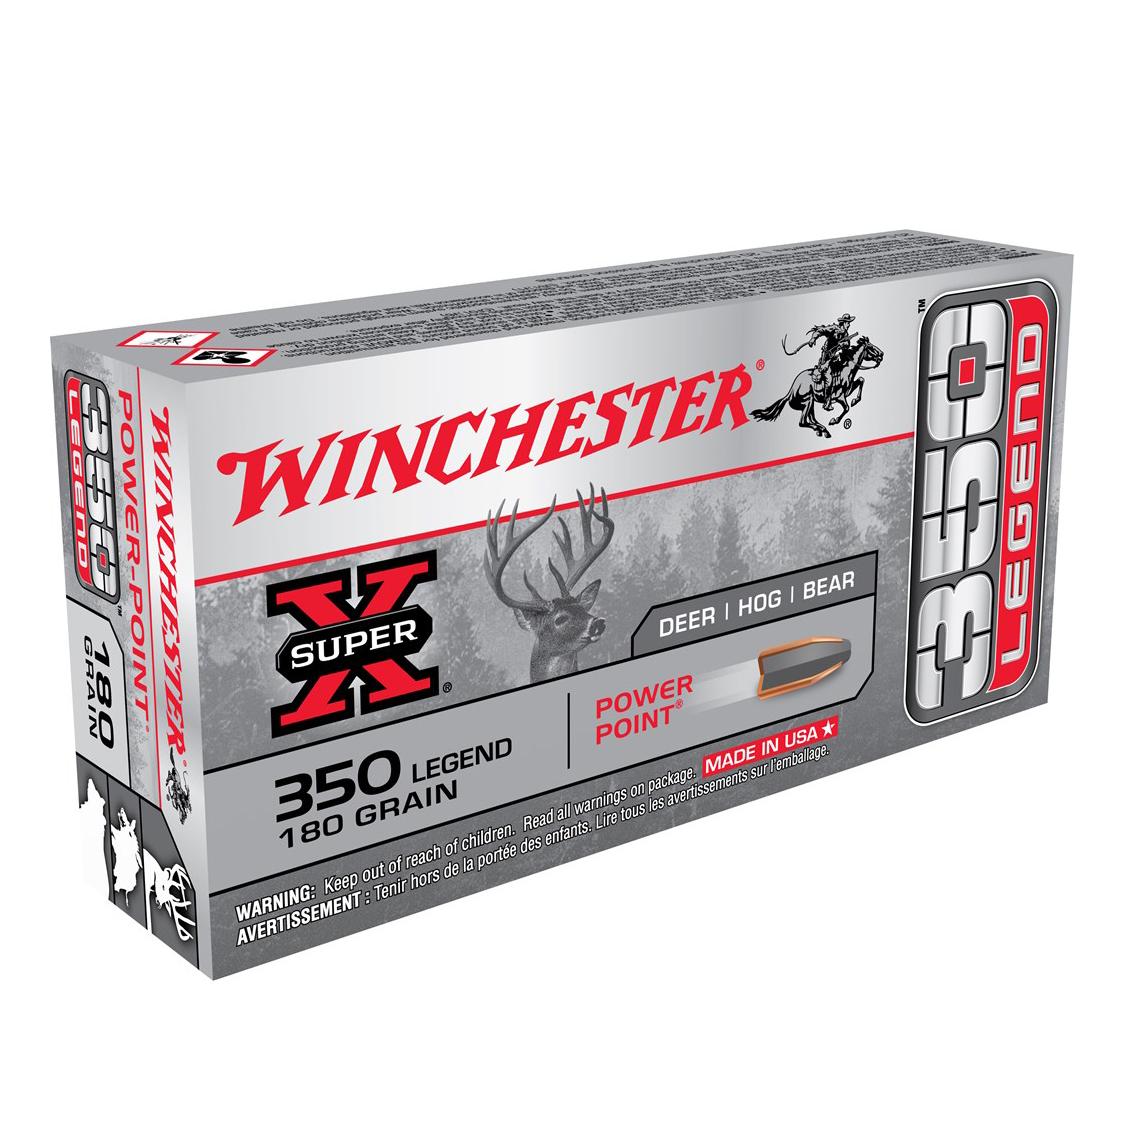 Winchester Super X 350 Legend Ammunition, 180 Gr.